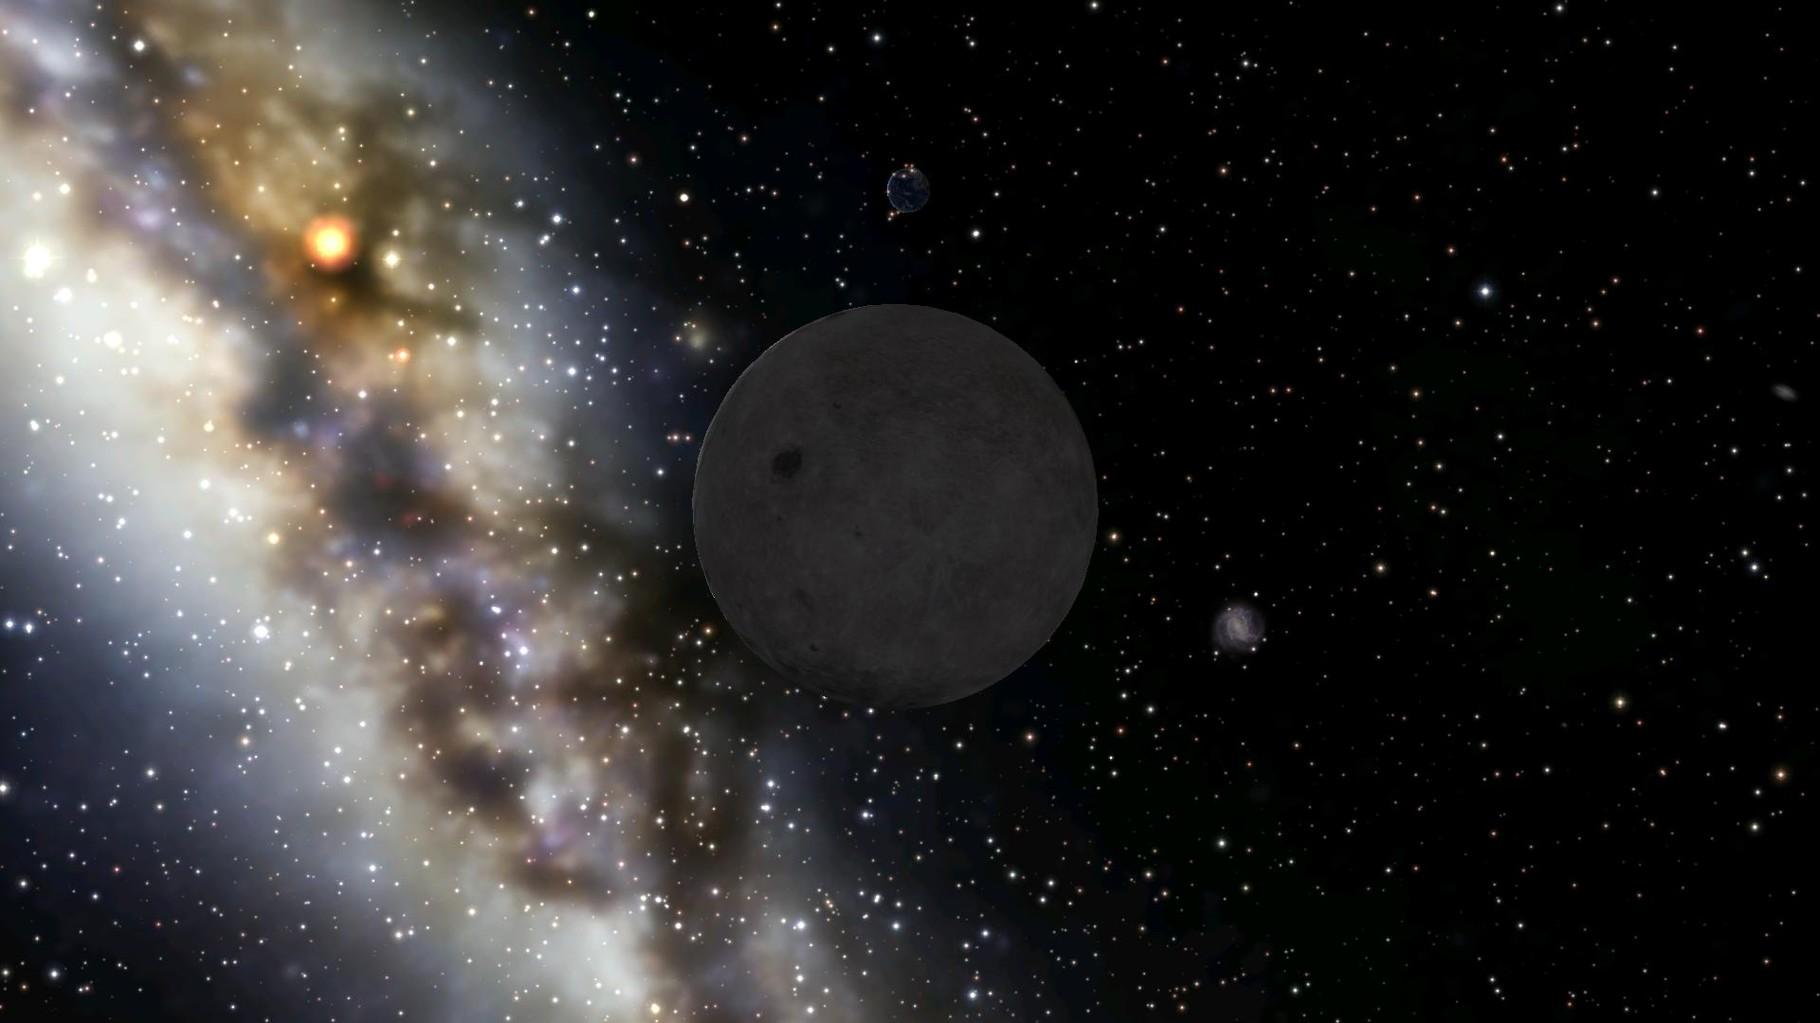 Das ist unserer Mond. Auf dem hat Lisa ihre Mondgärten. Dahinter taucht die Erde auf.